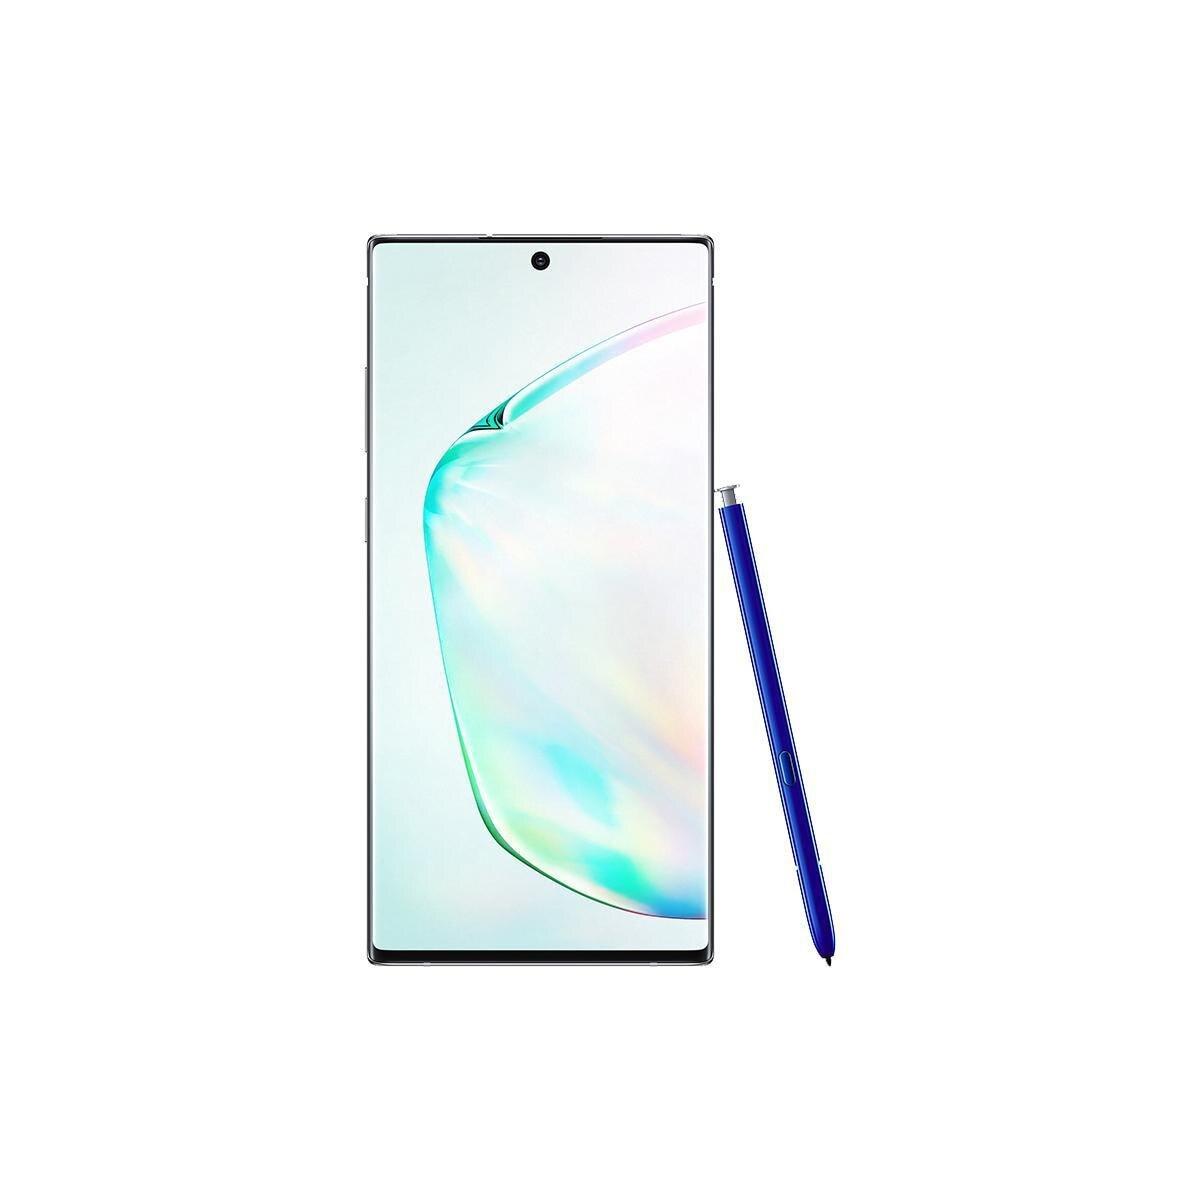 eleganckie buty wysoka jakość zniżka Samsung Galaxy Note 10 Plus SM-N975FZSGXSG 512GB Aura Glow LTE Dual Sim  (For Travel Date Between 23-30th August)